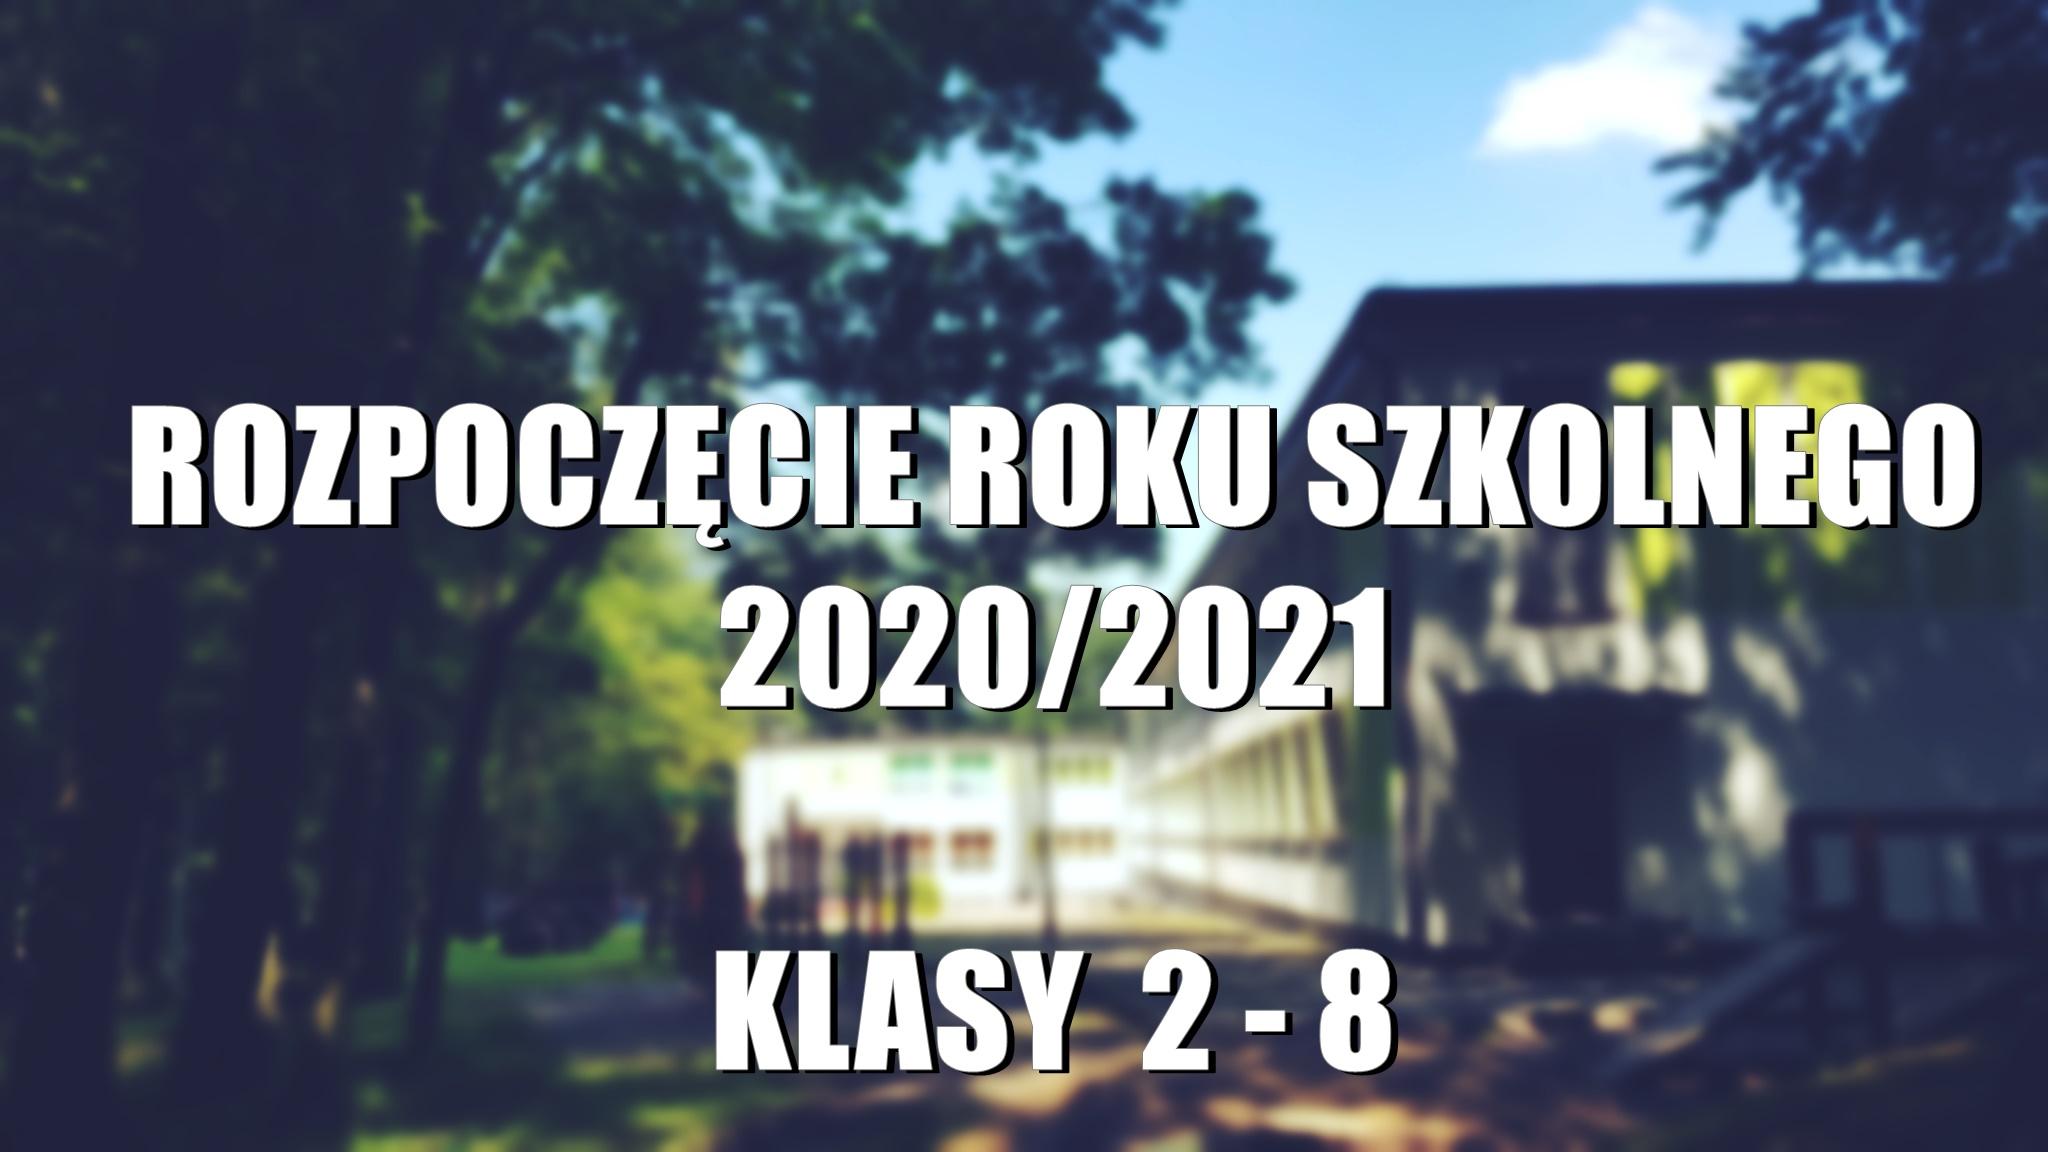 Rozpoczęcie roku szkolnego 2020/2021 - KLASY 2 - 8